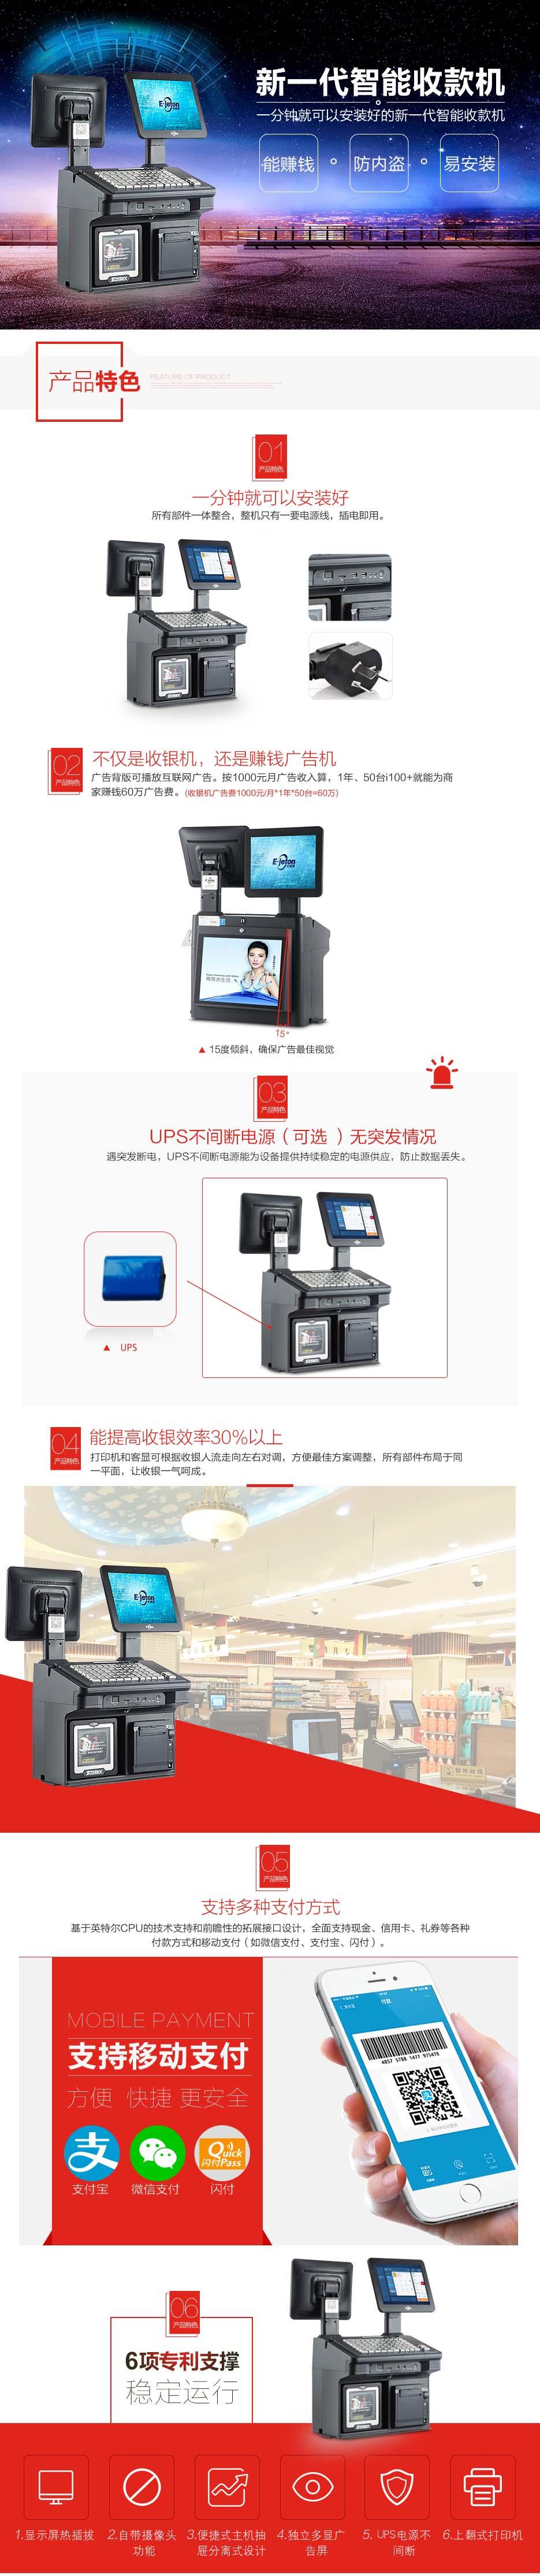 易捷通 I100模組化智慧POS(圖2)